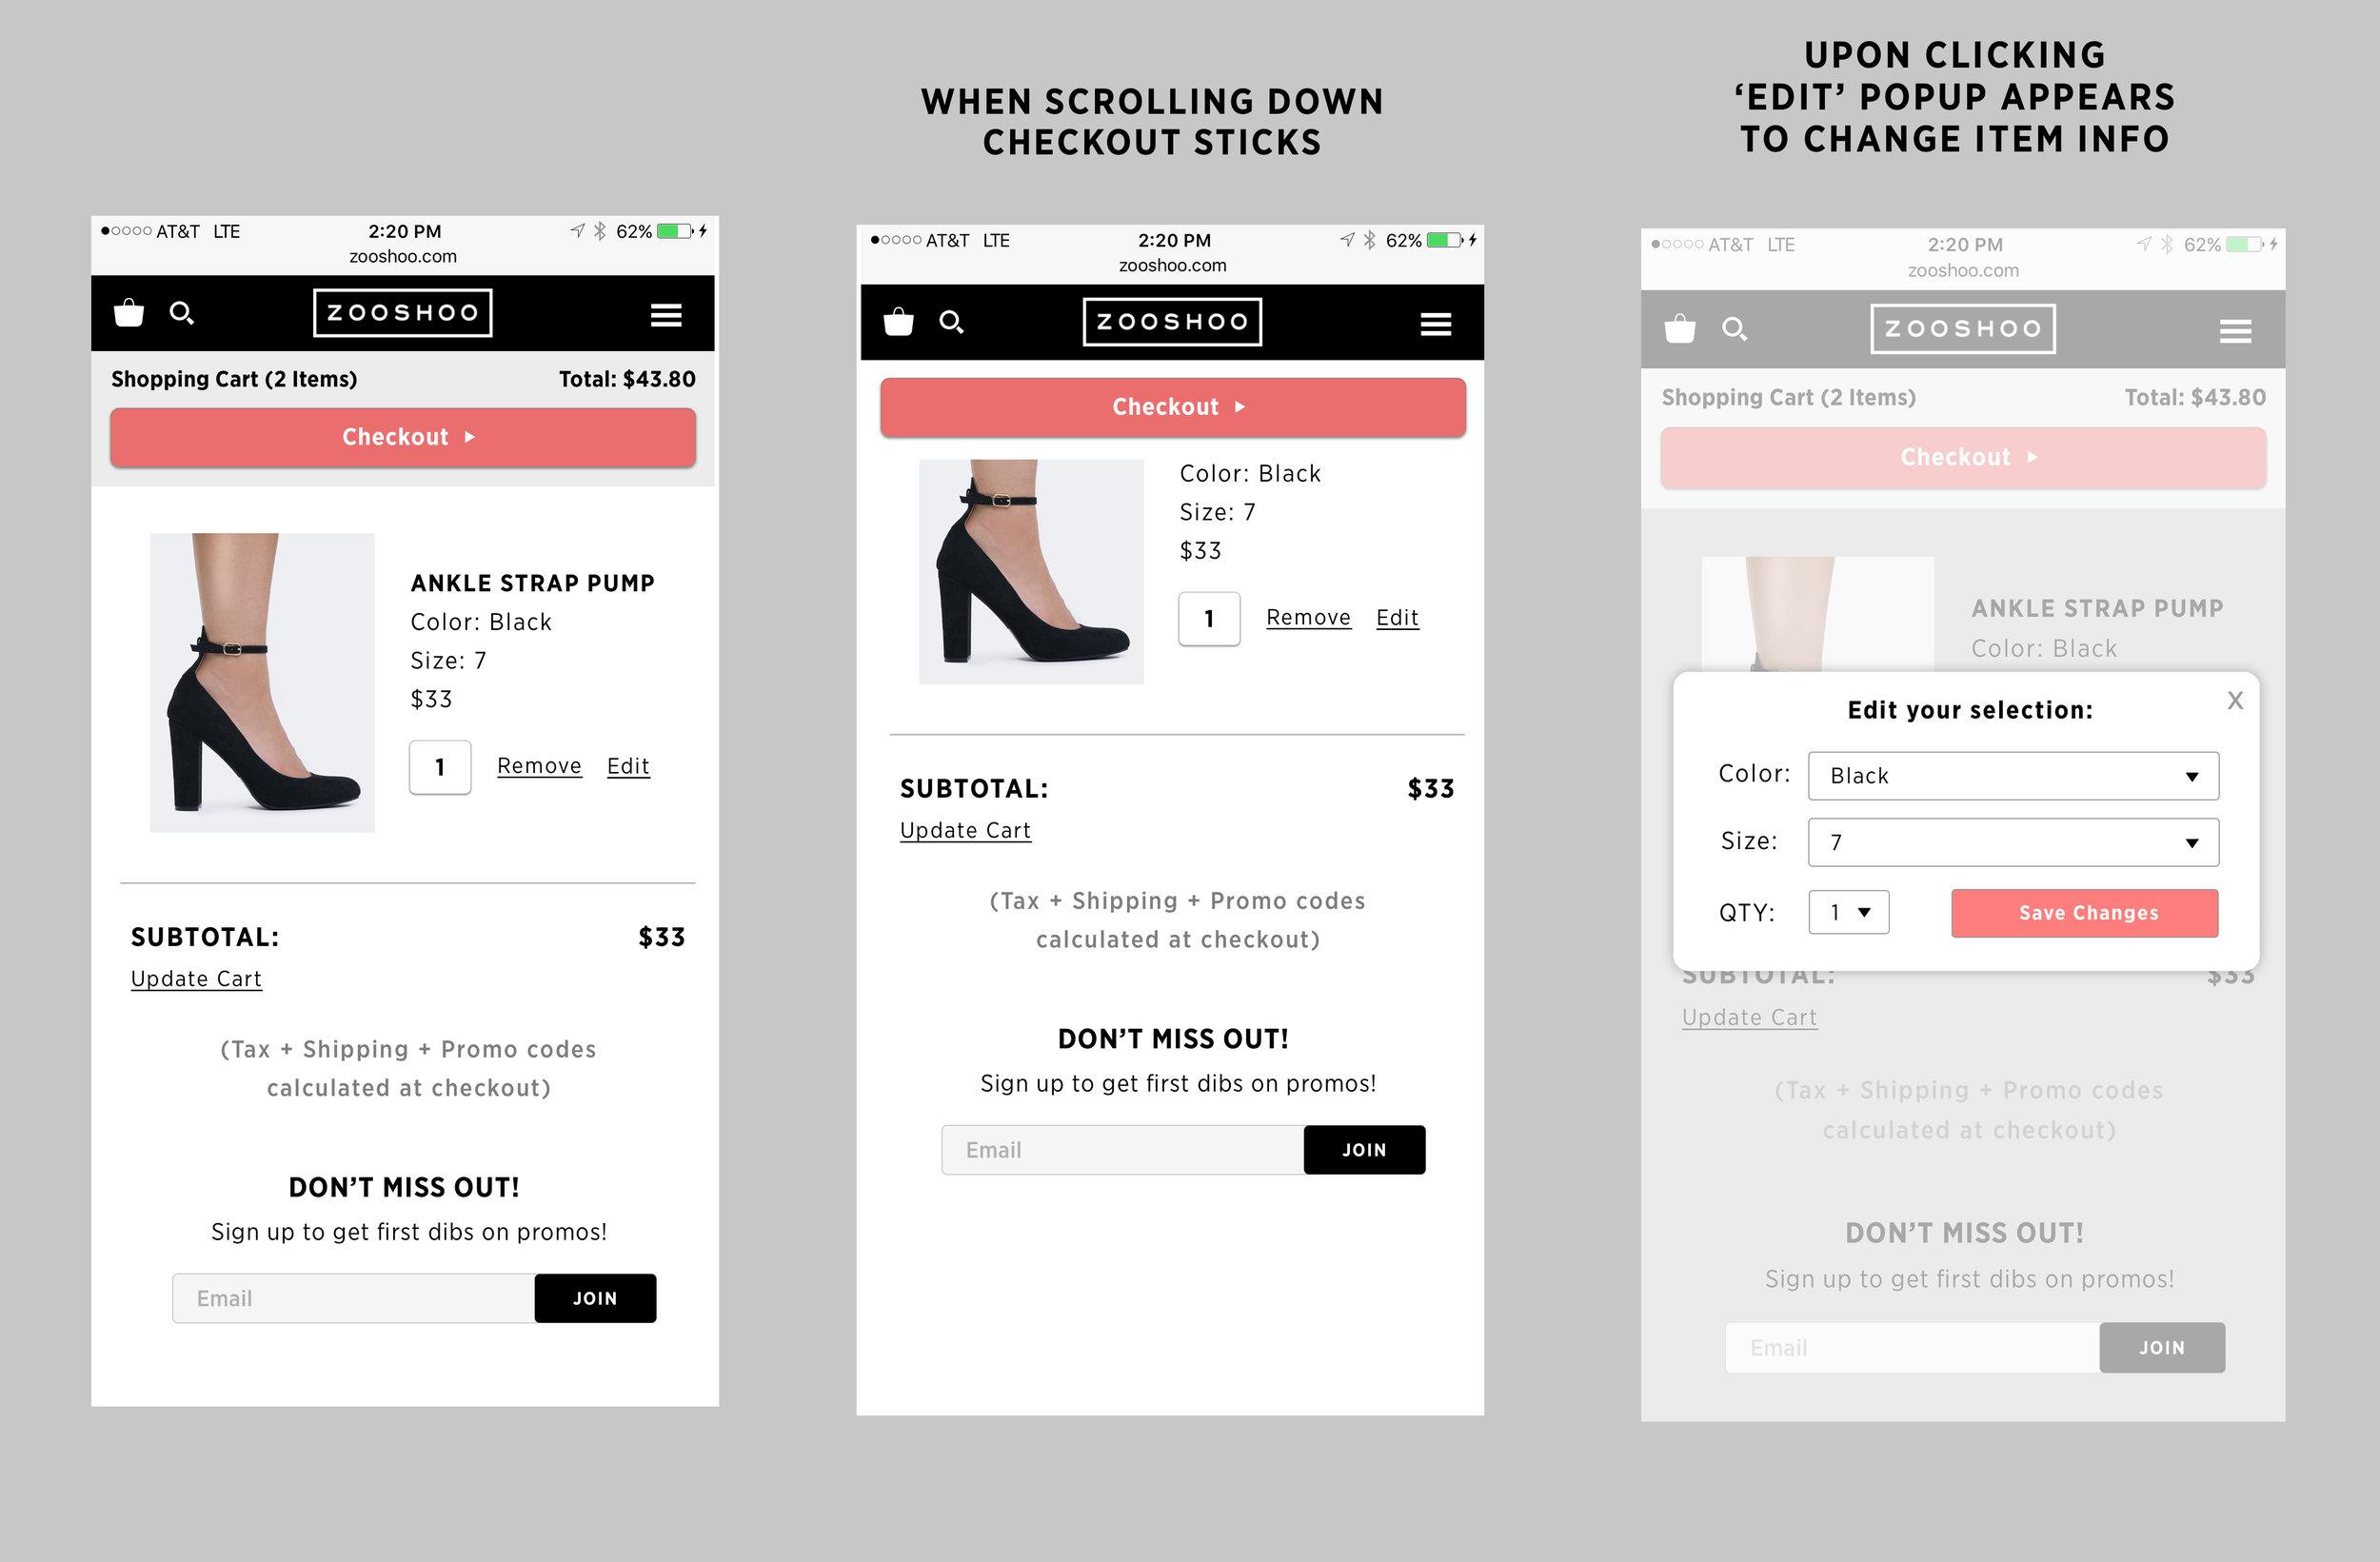 Mobile_checkout copy.jpg